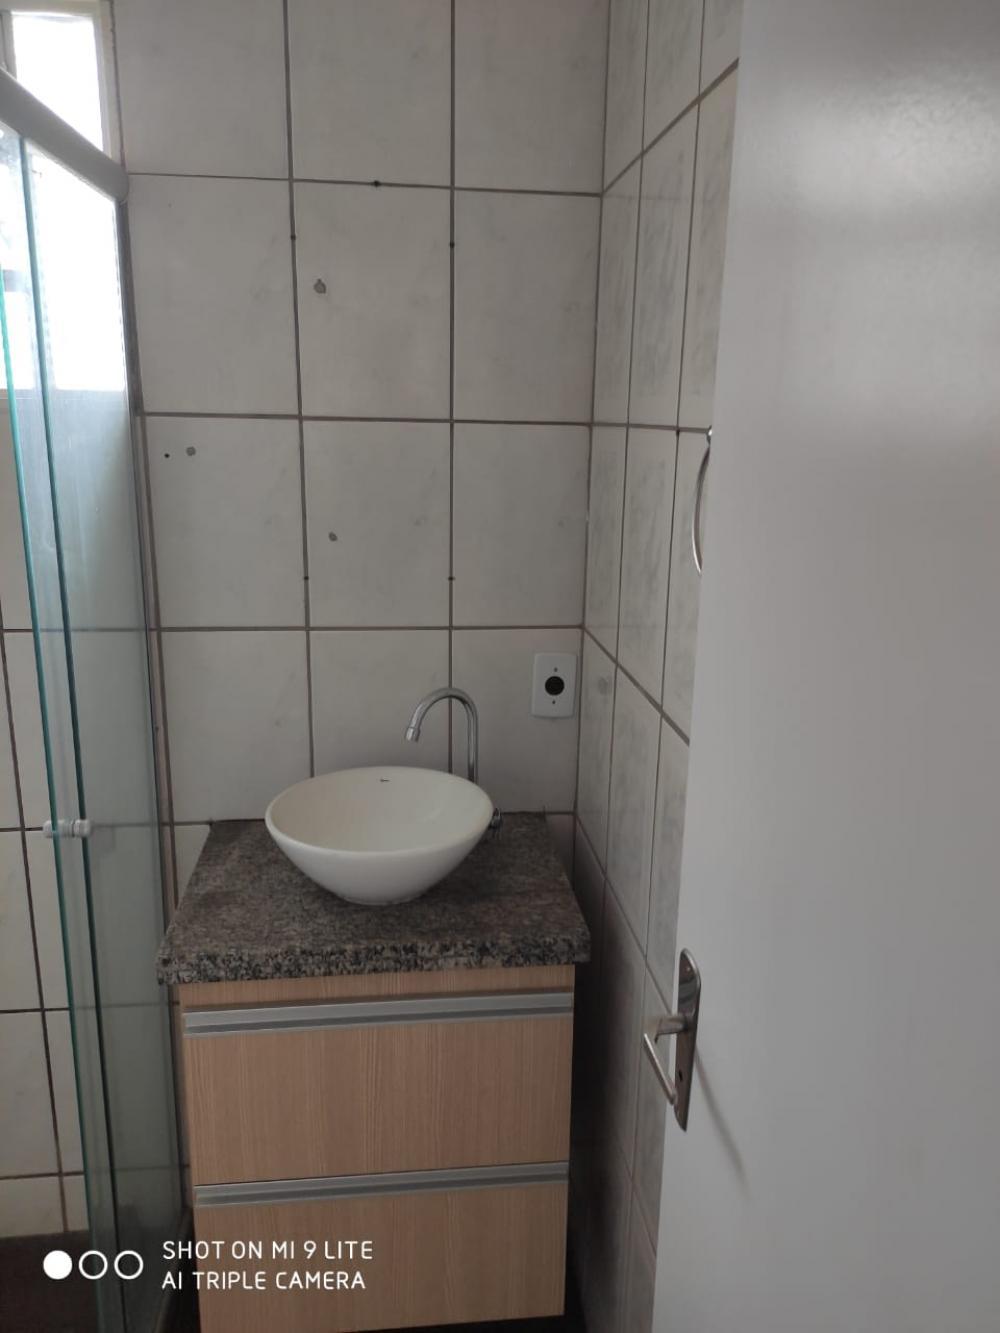 Comprar Apartamento / Padrão em São José do Rio Preto apenas R$ 120.000,00 - Foto 6